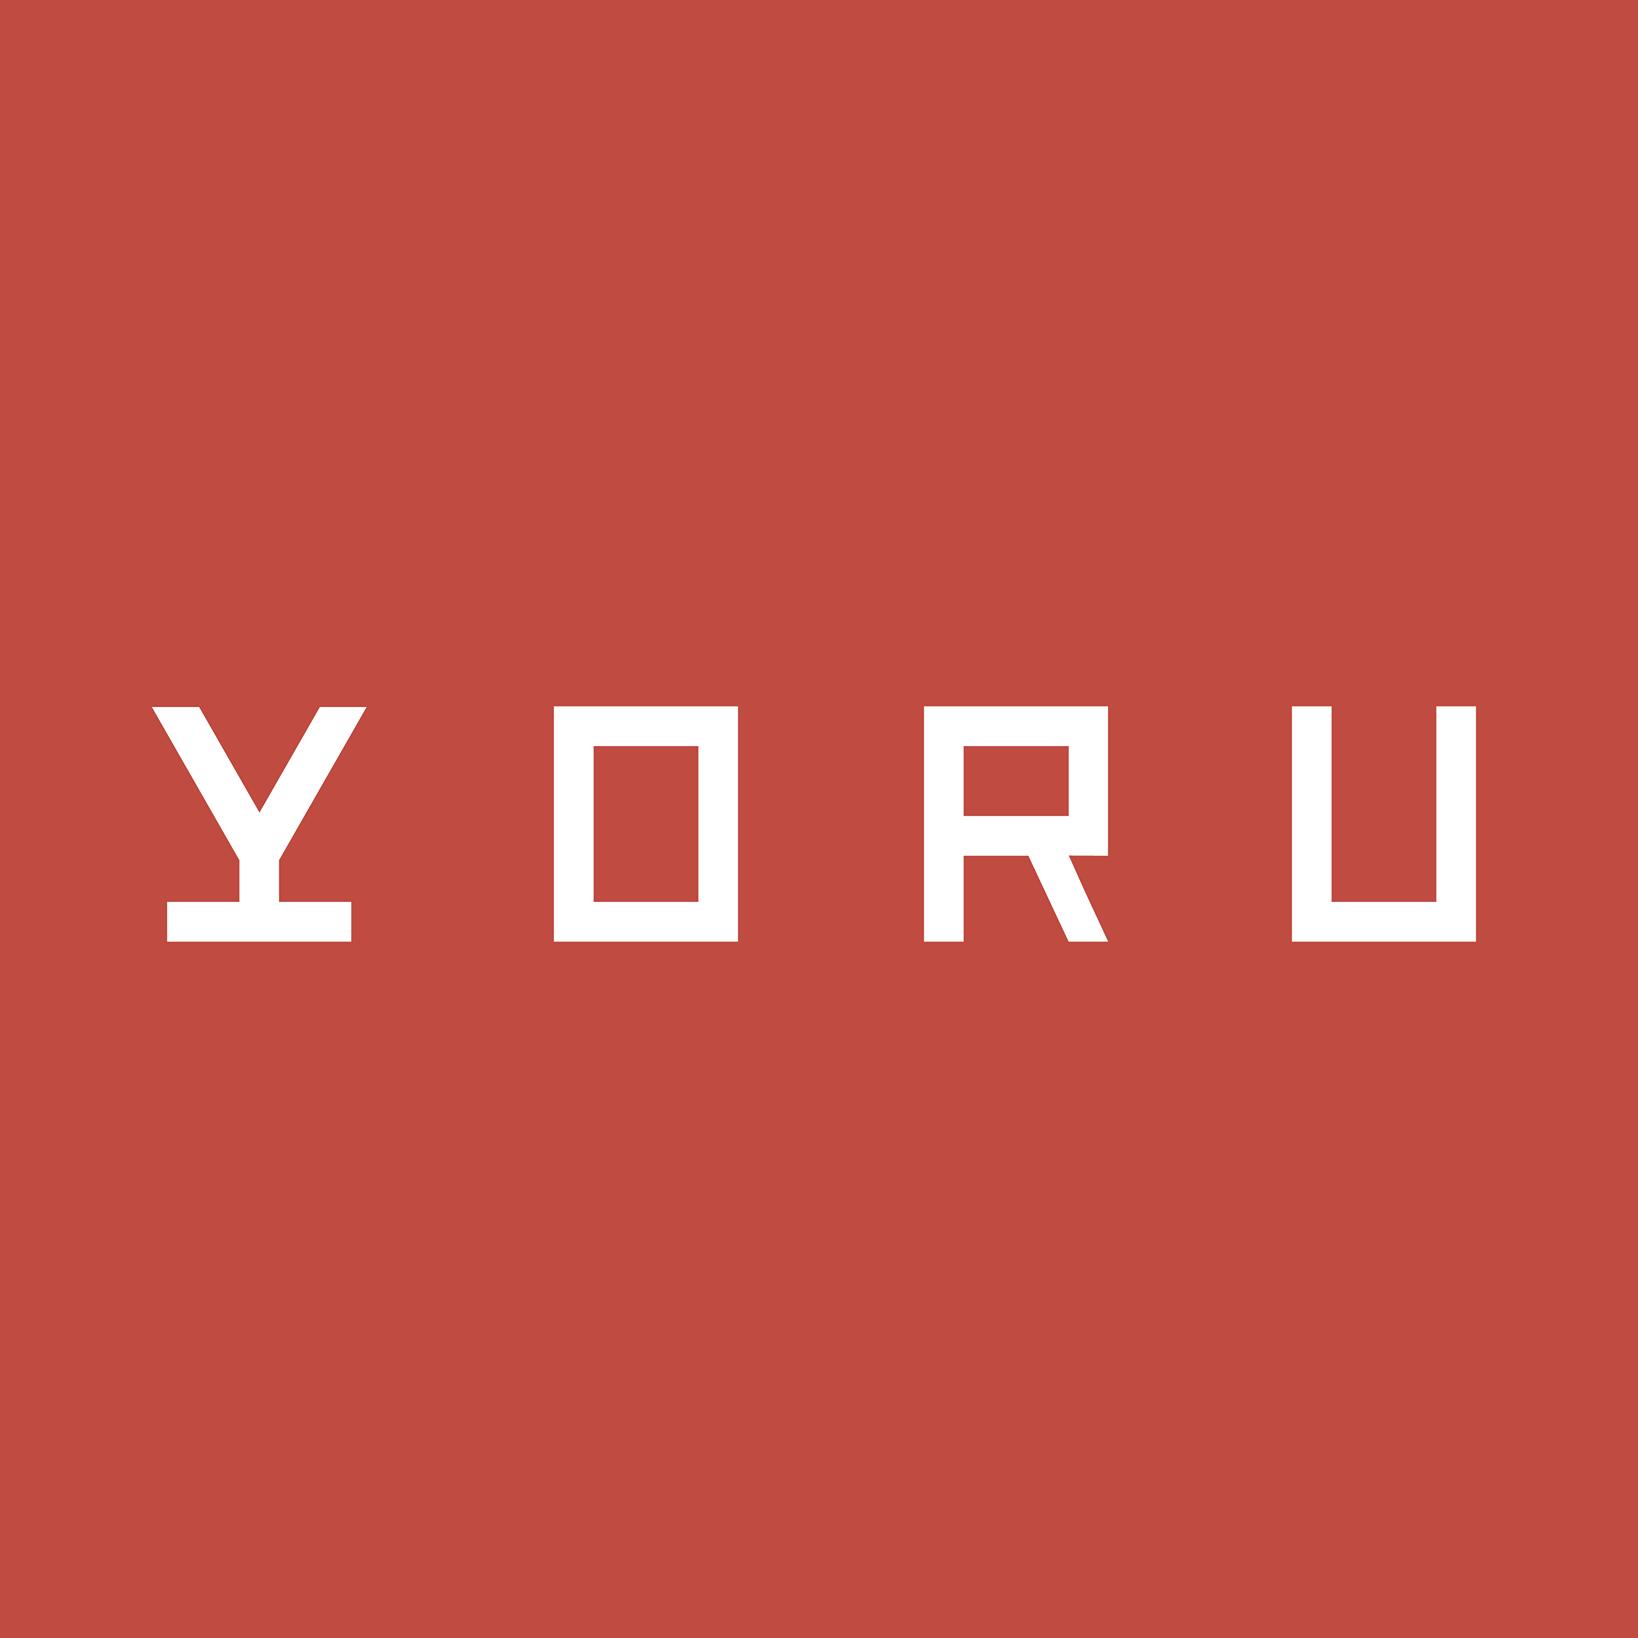 Yoru Handroll and Sushi Bar Logo